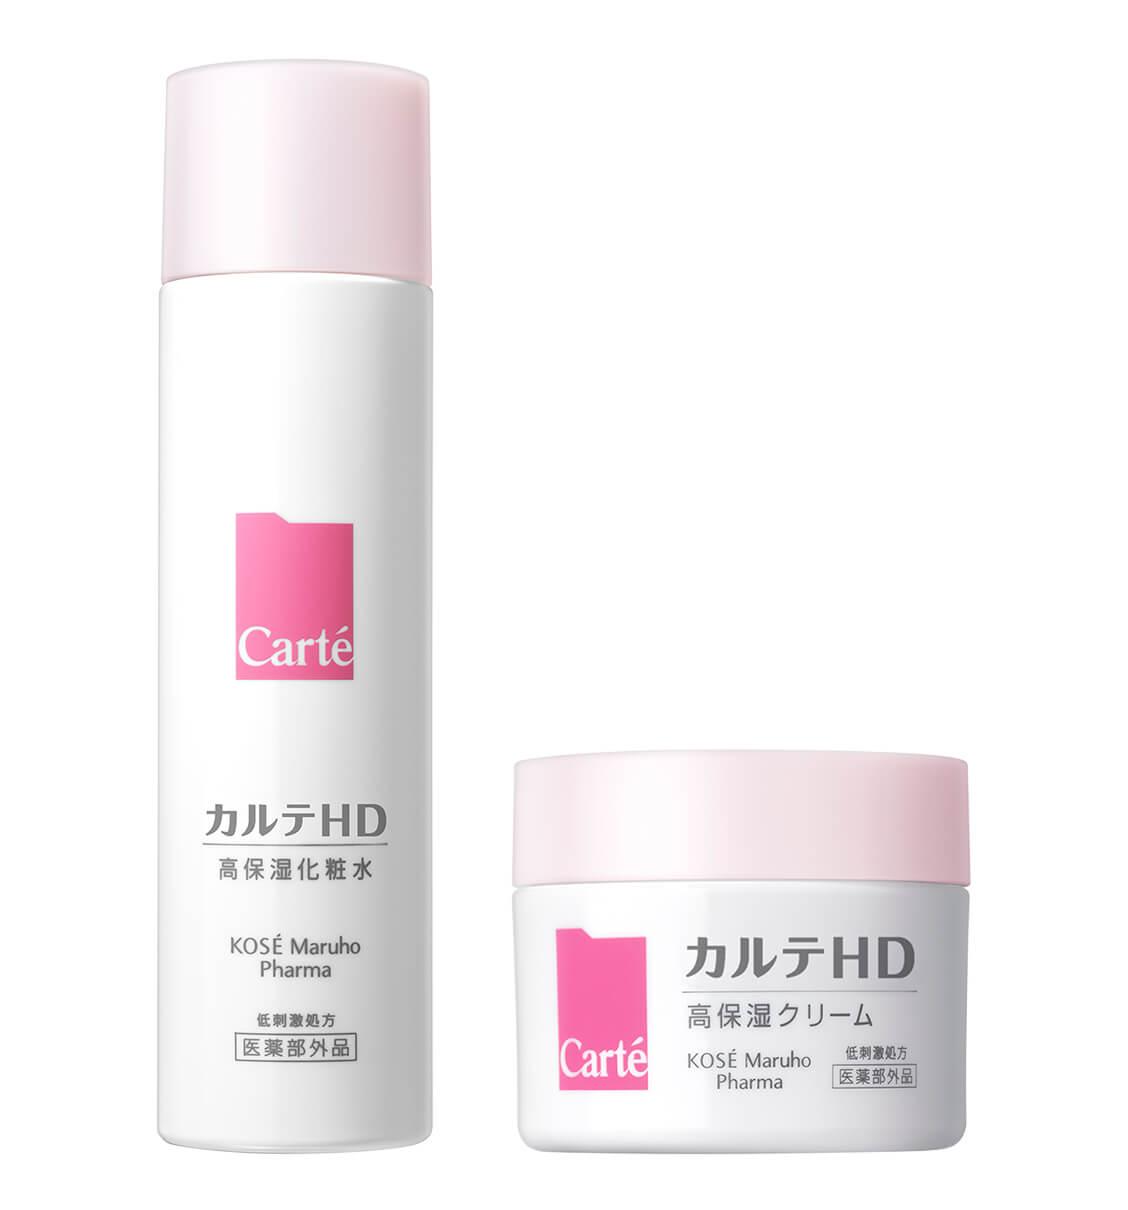 化粧水&クリーム セット